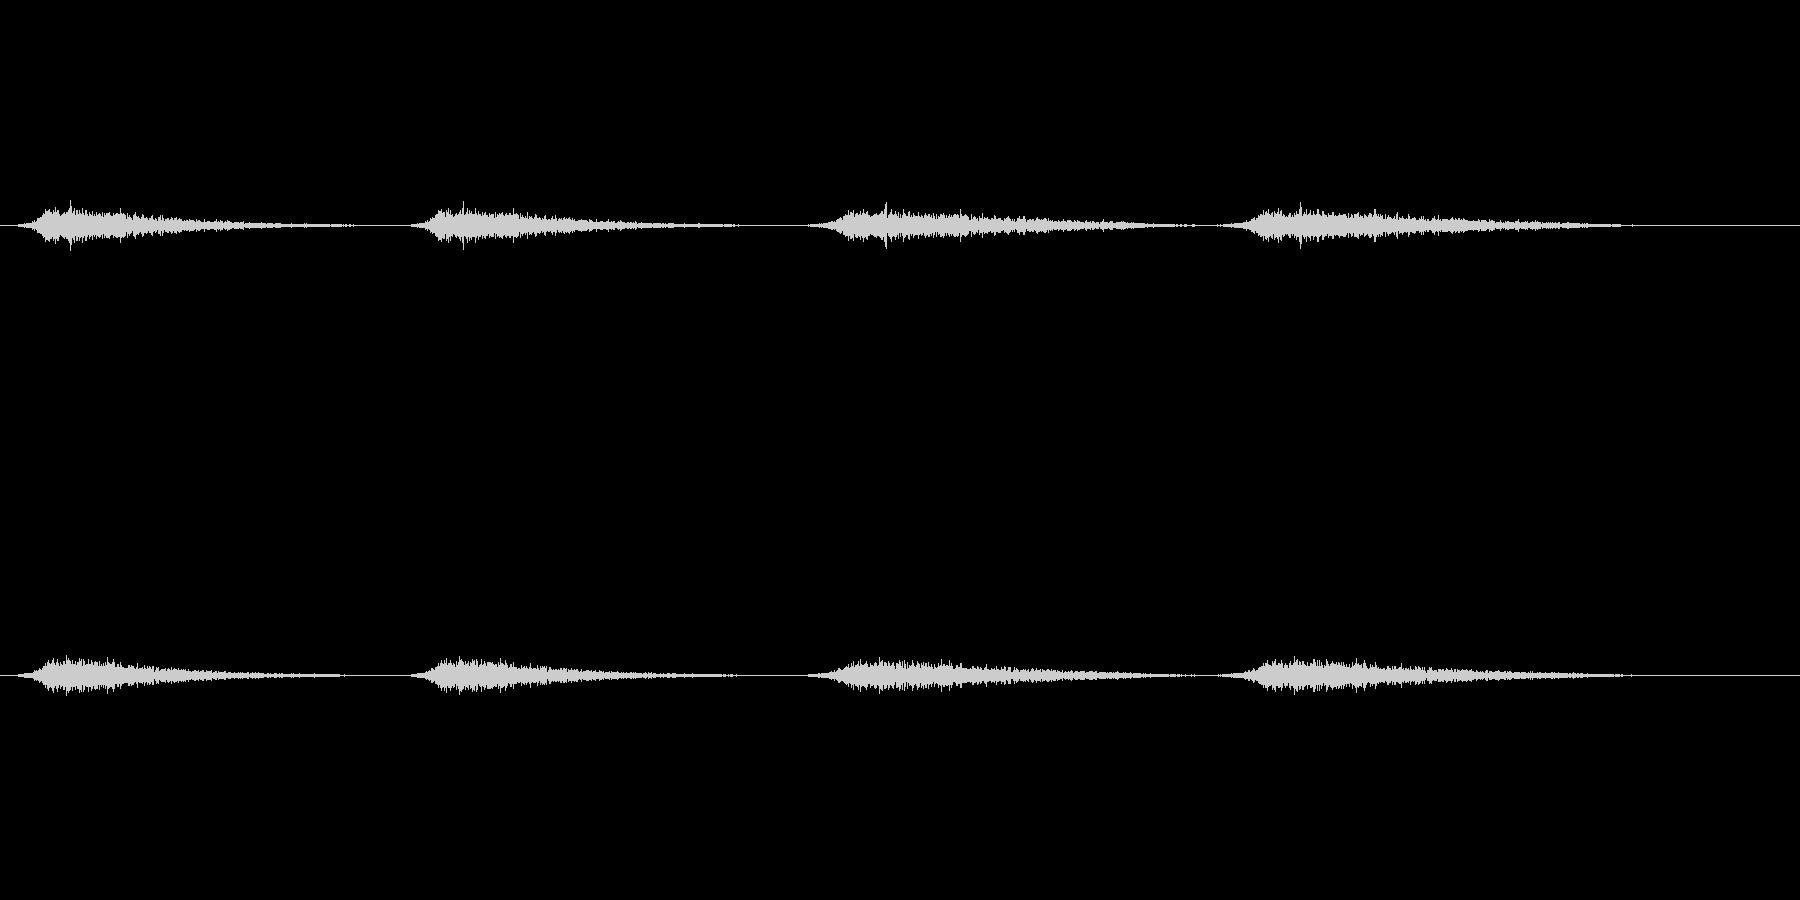 幽霊の声3の未再生の波形